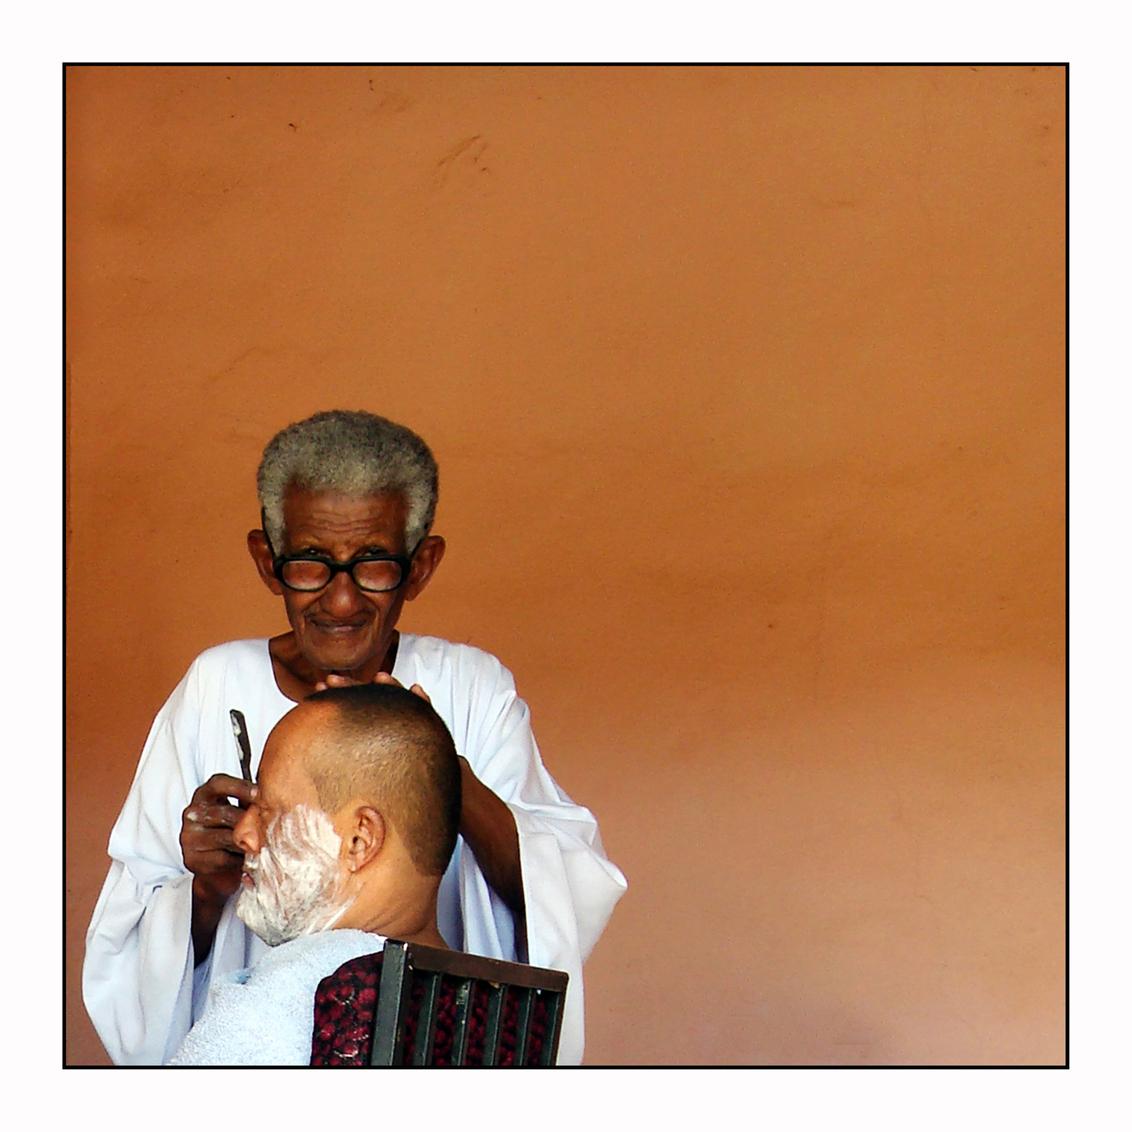 Do Not Disturb - In Omdurman, bij Khartoum liggen de fotomomenten voor het oprapen. Overal zeer vriendelijke mensen, zelfs als je ze stoort bij hun dagelijkse bezighe - foto door lokkjja op 19-07-2009 - deze foto bevat: rood, foto, oranje, vakantie, mooi, afrika, grijs, kapper, scheren, serieus, storen